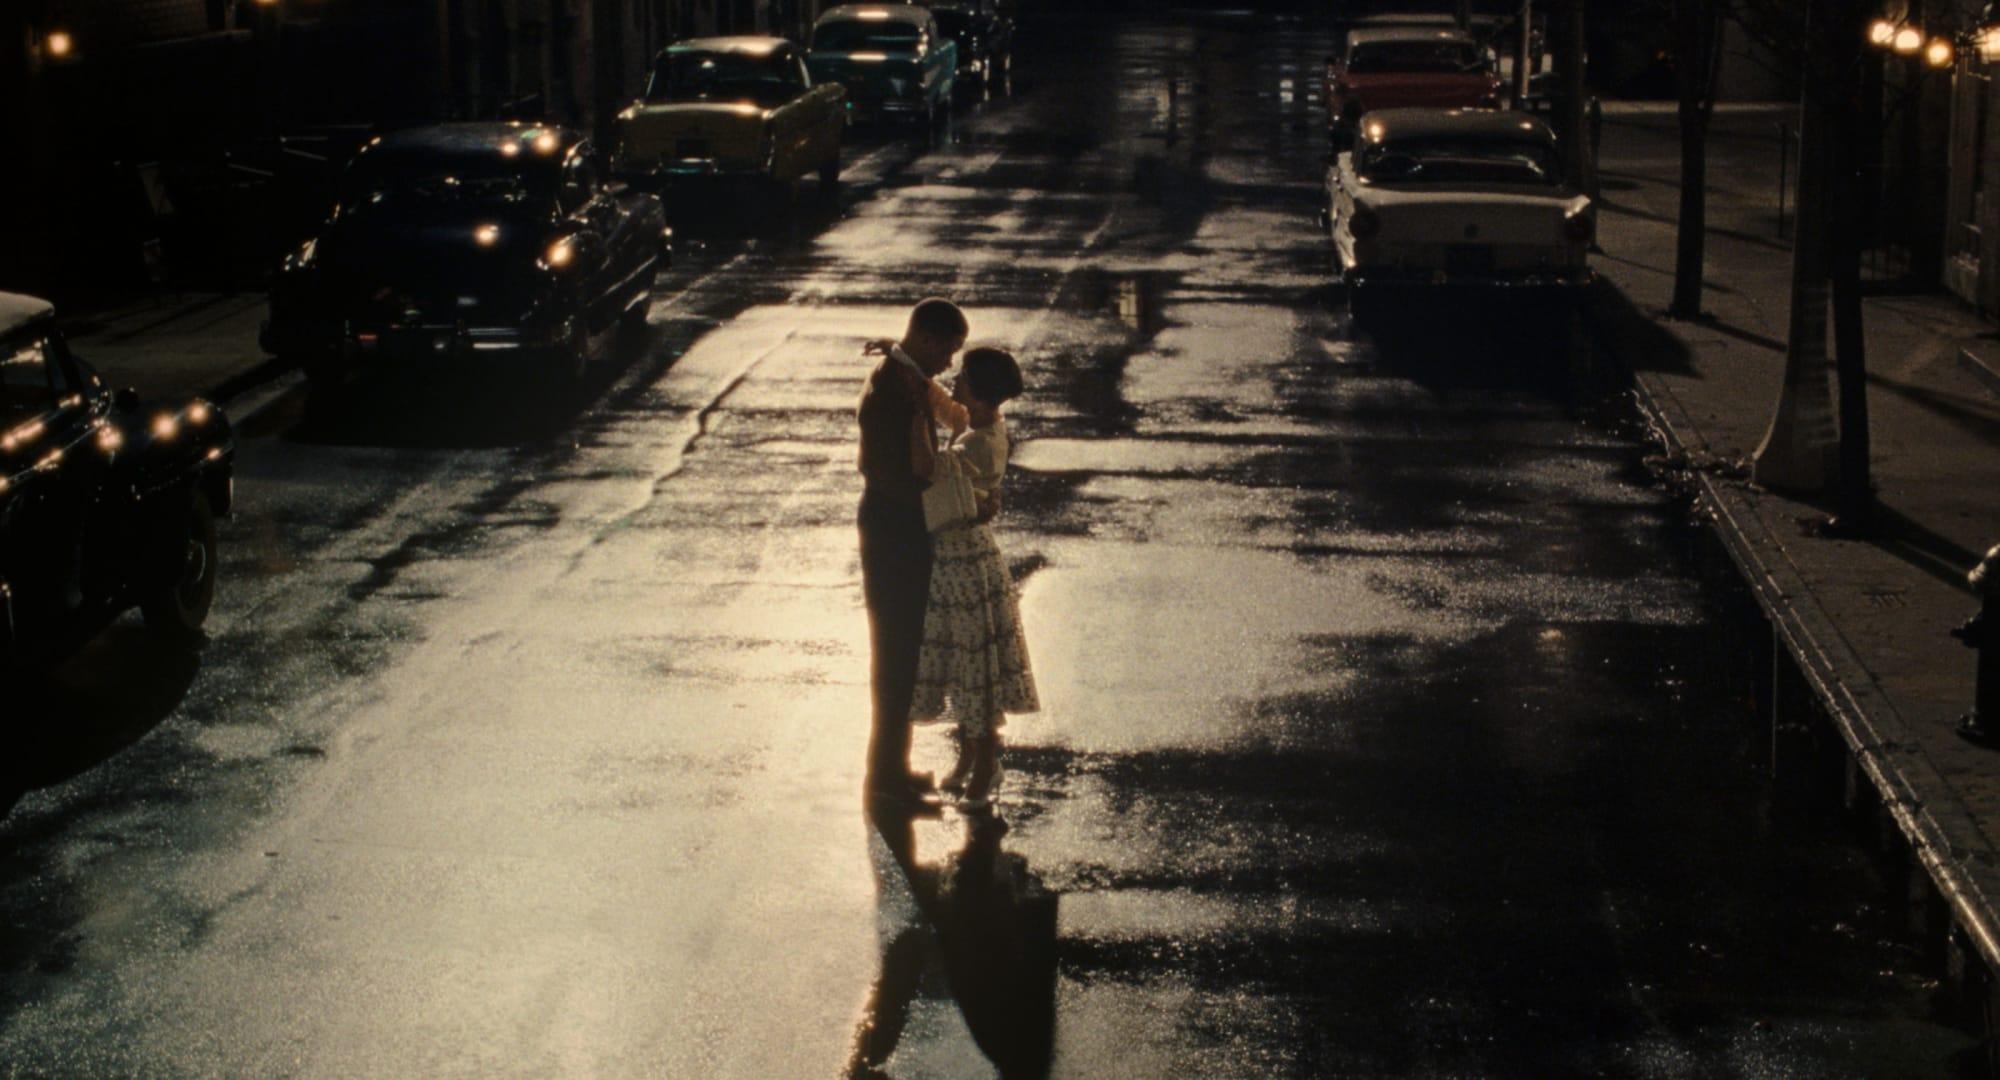 Cena do filme O Amor de Sylvie. A foto mostra uma mulher e um homem jovens e negros, em pé de frente um para o outro com os corpos próximos e com as mãos juntas, no meio de uma rua à noite com vários carros estacionados próximos da calçada. Eles vestem roupas da década de 50.